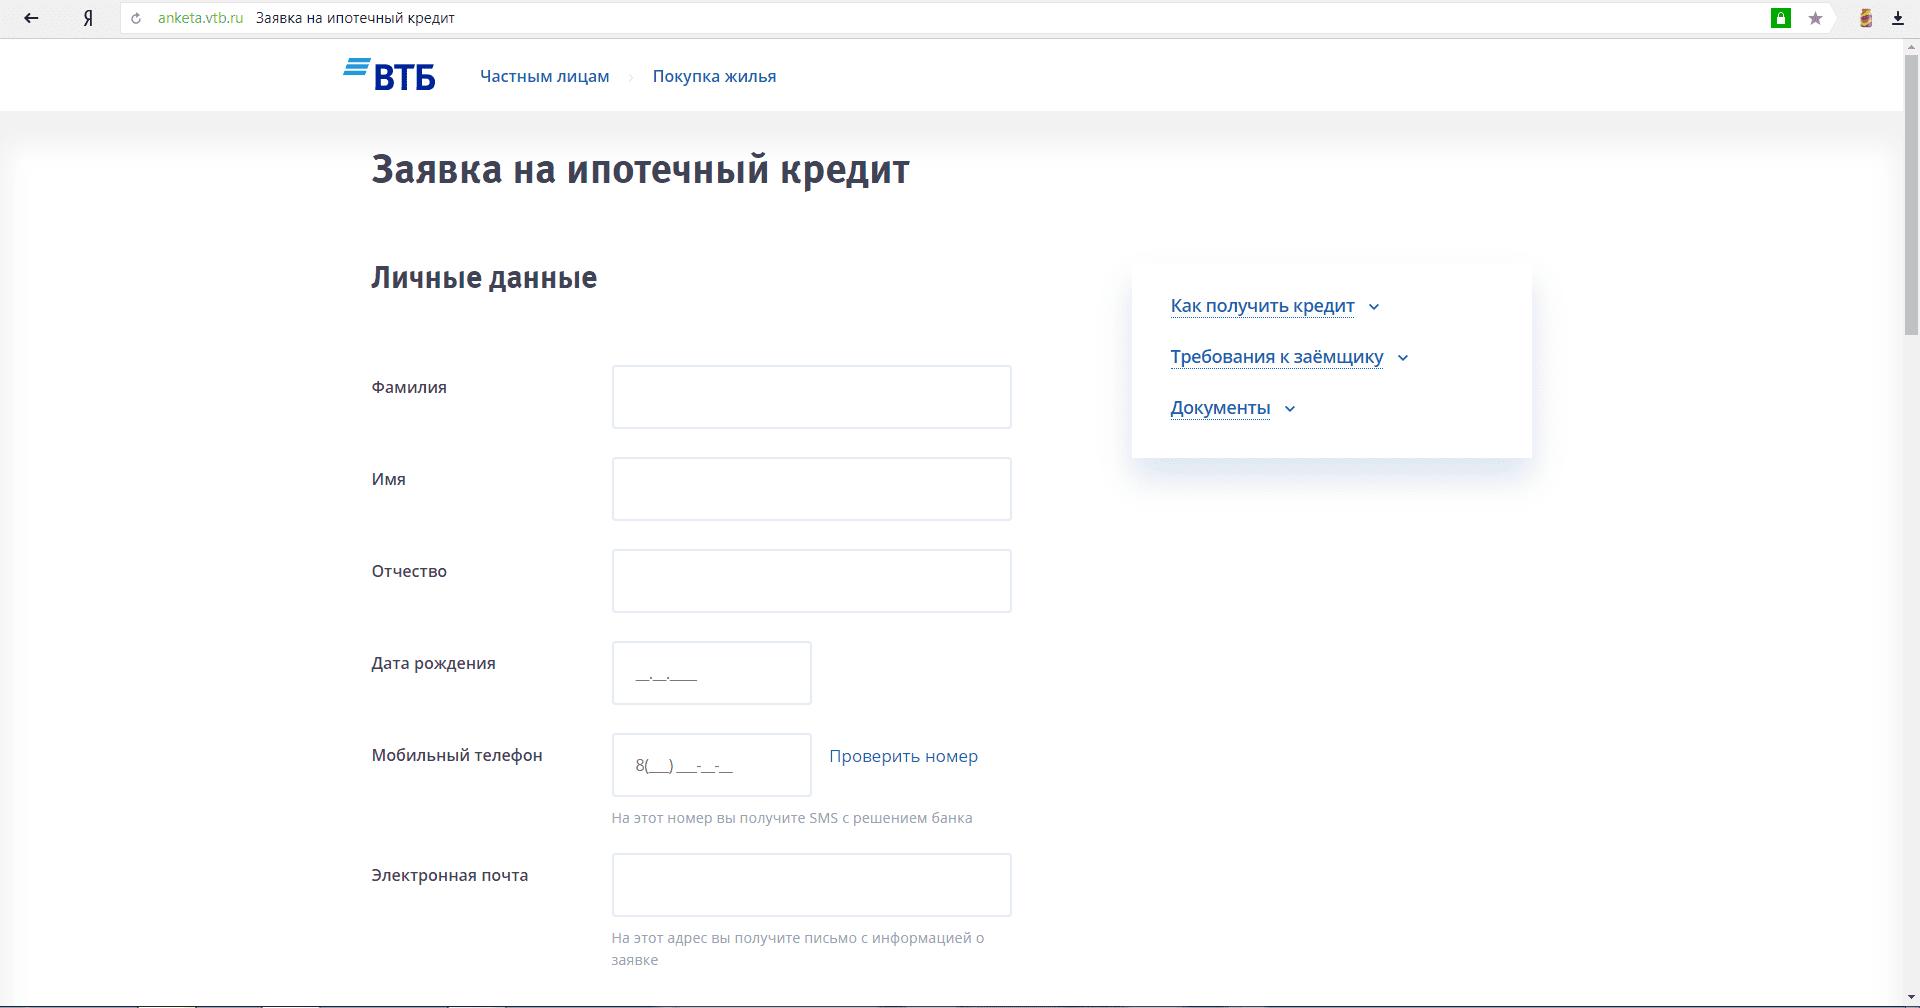 Поля для ввода личных данных5c62b82d33904